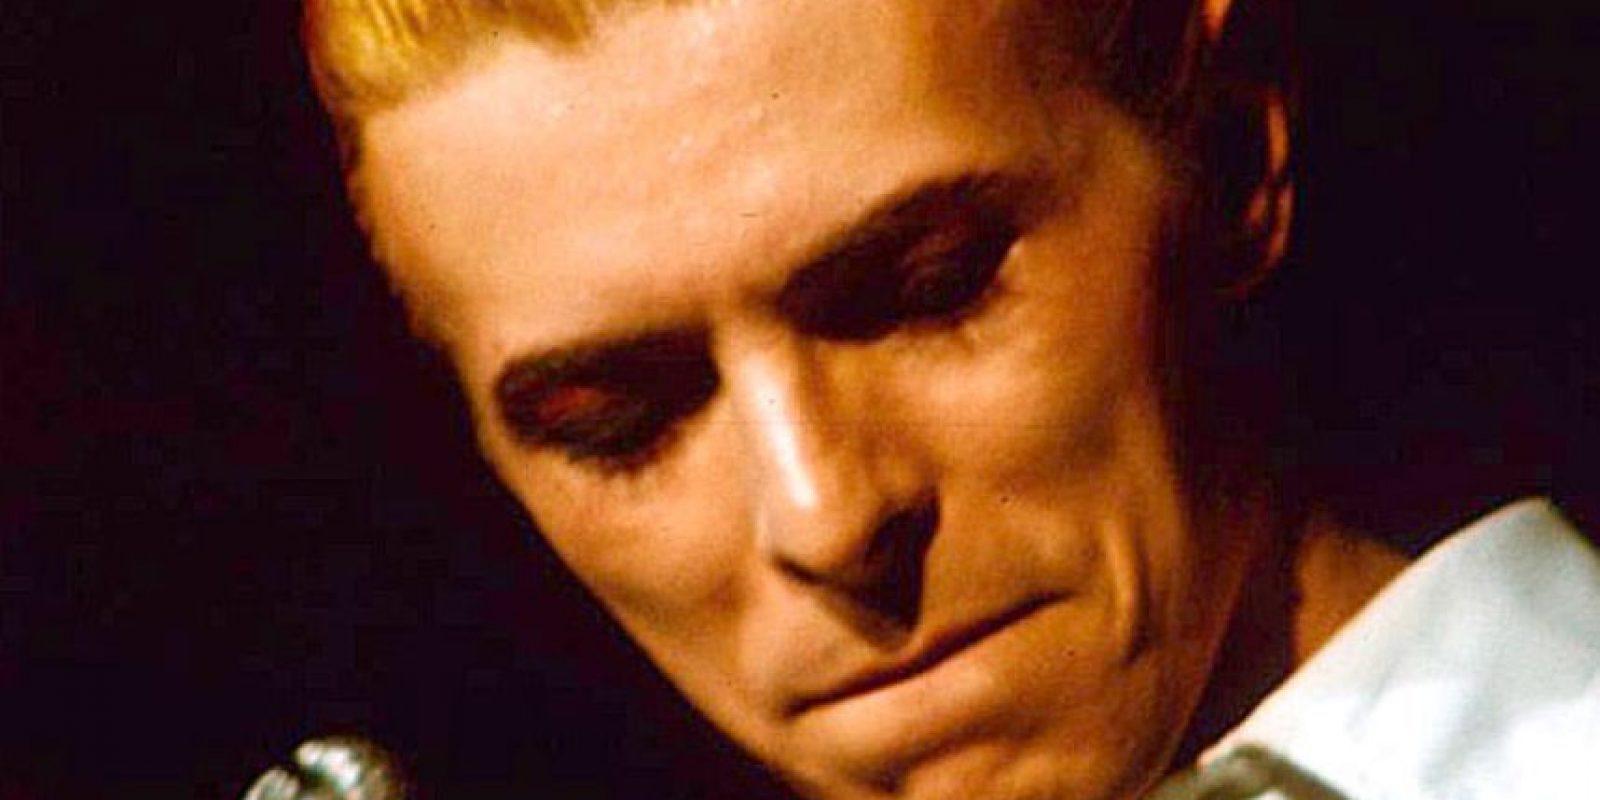 Con más de cuarenta años de carrera, se consagró como uno de los músicos más importantes del rock a nivel mundial. Foto:vía Getty Images